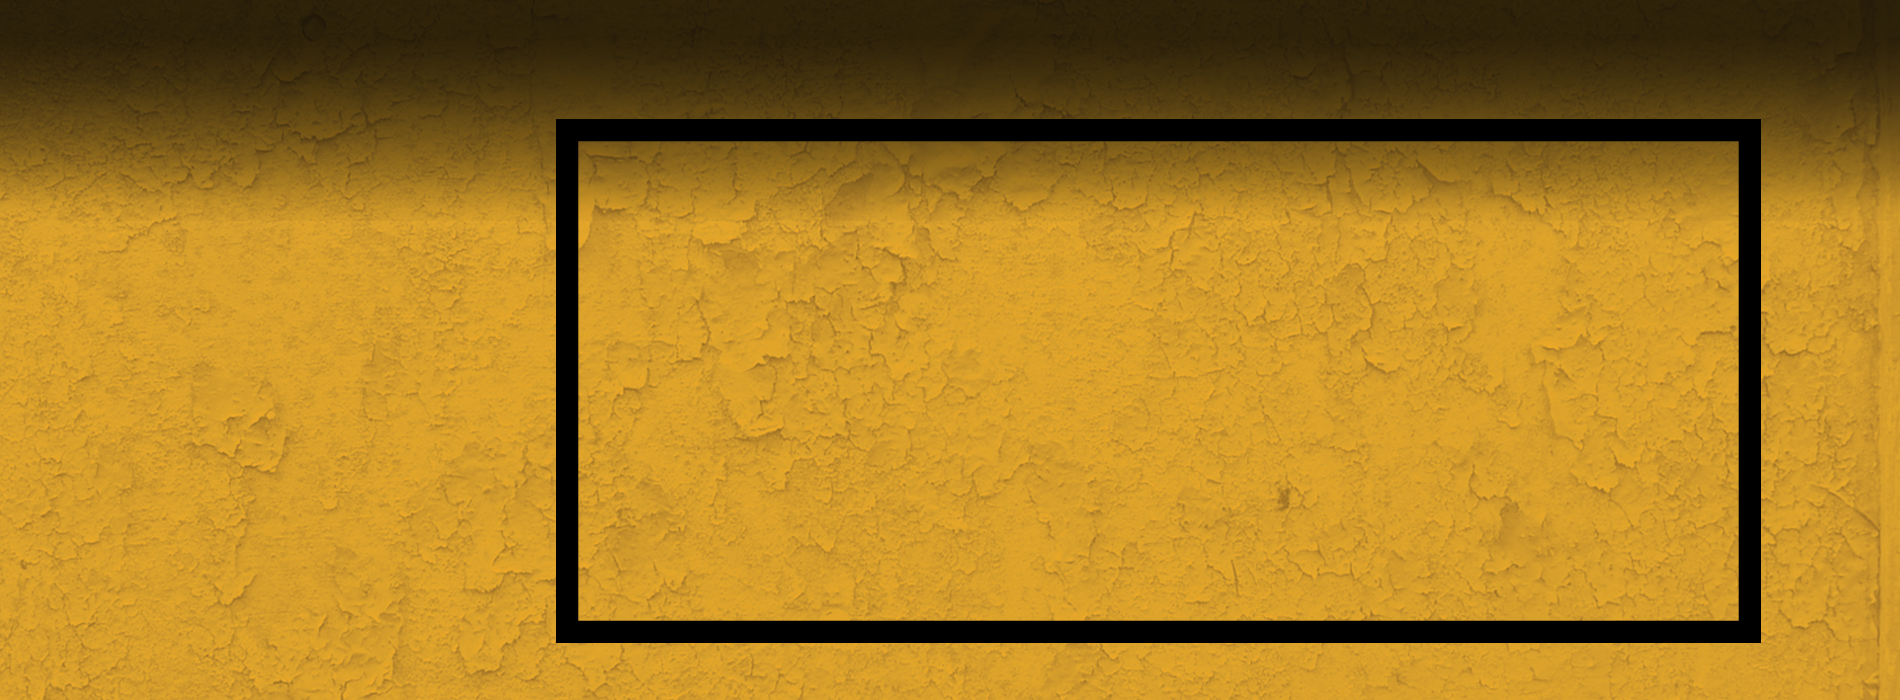 britezone-yellow-herobg